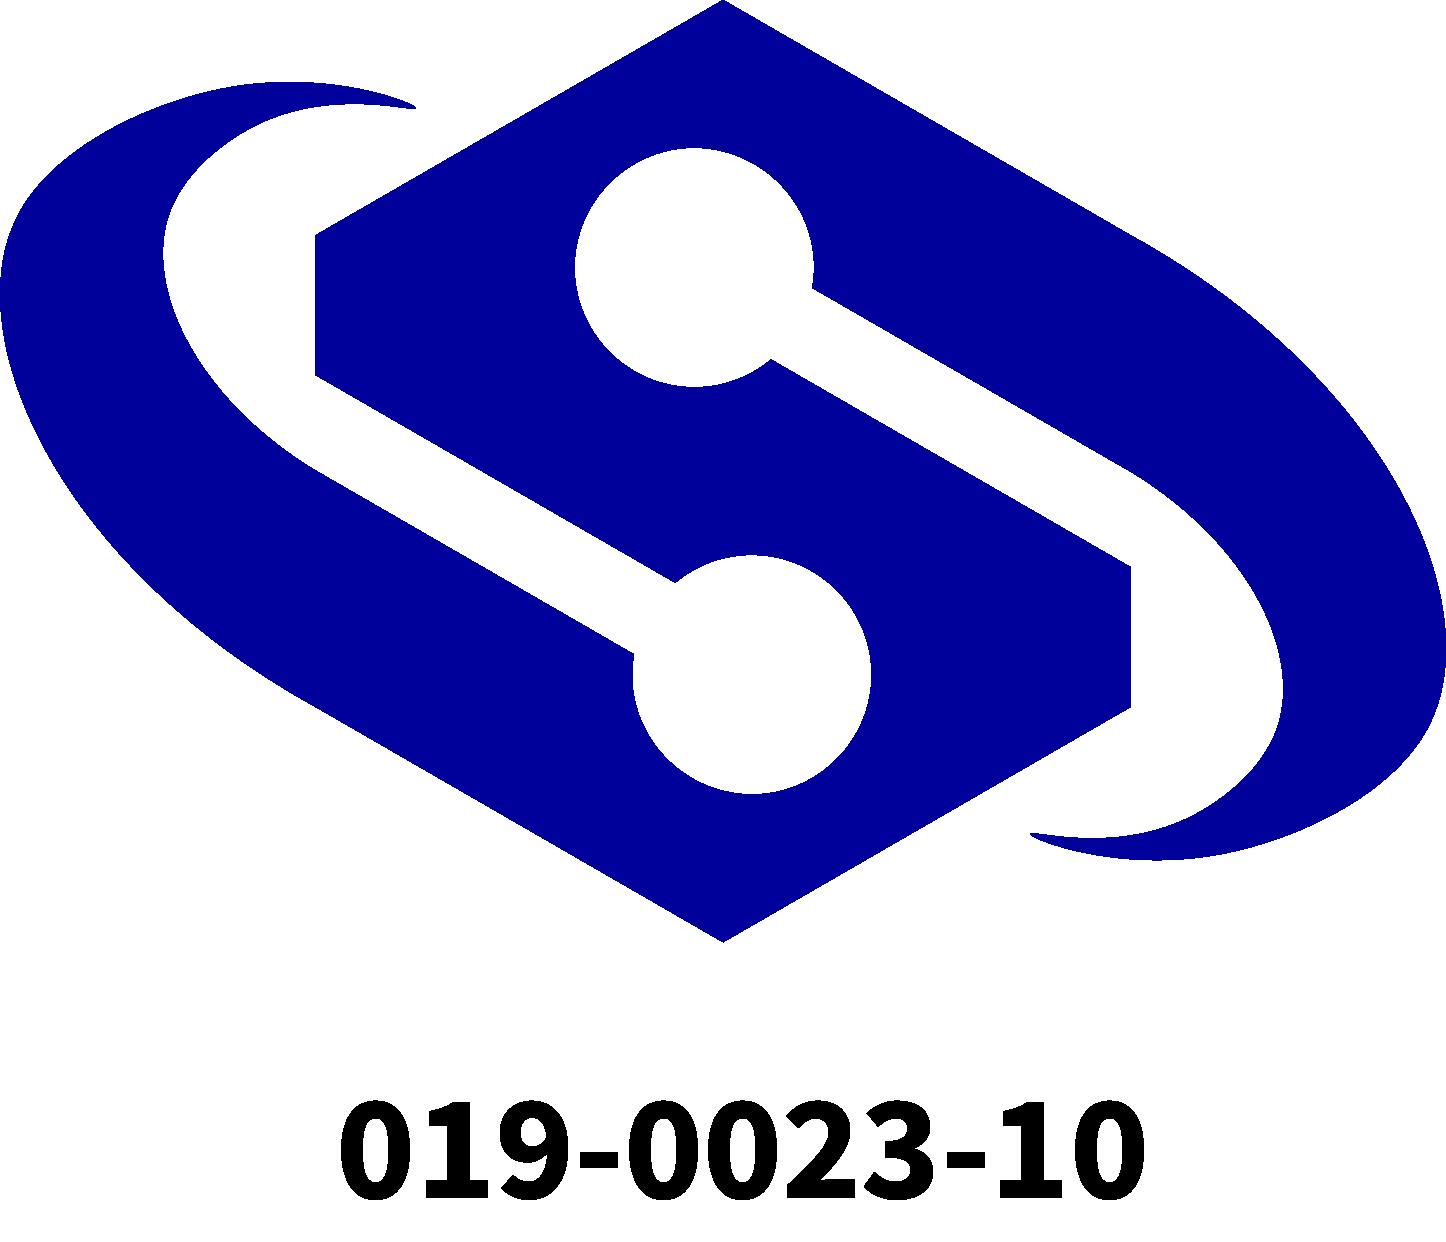 SSS_audit_019002310.png